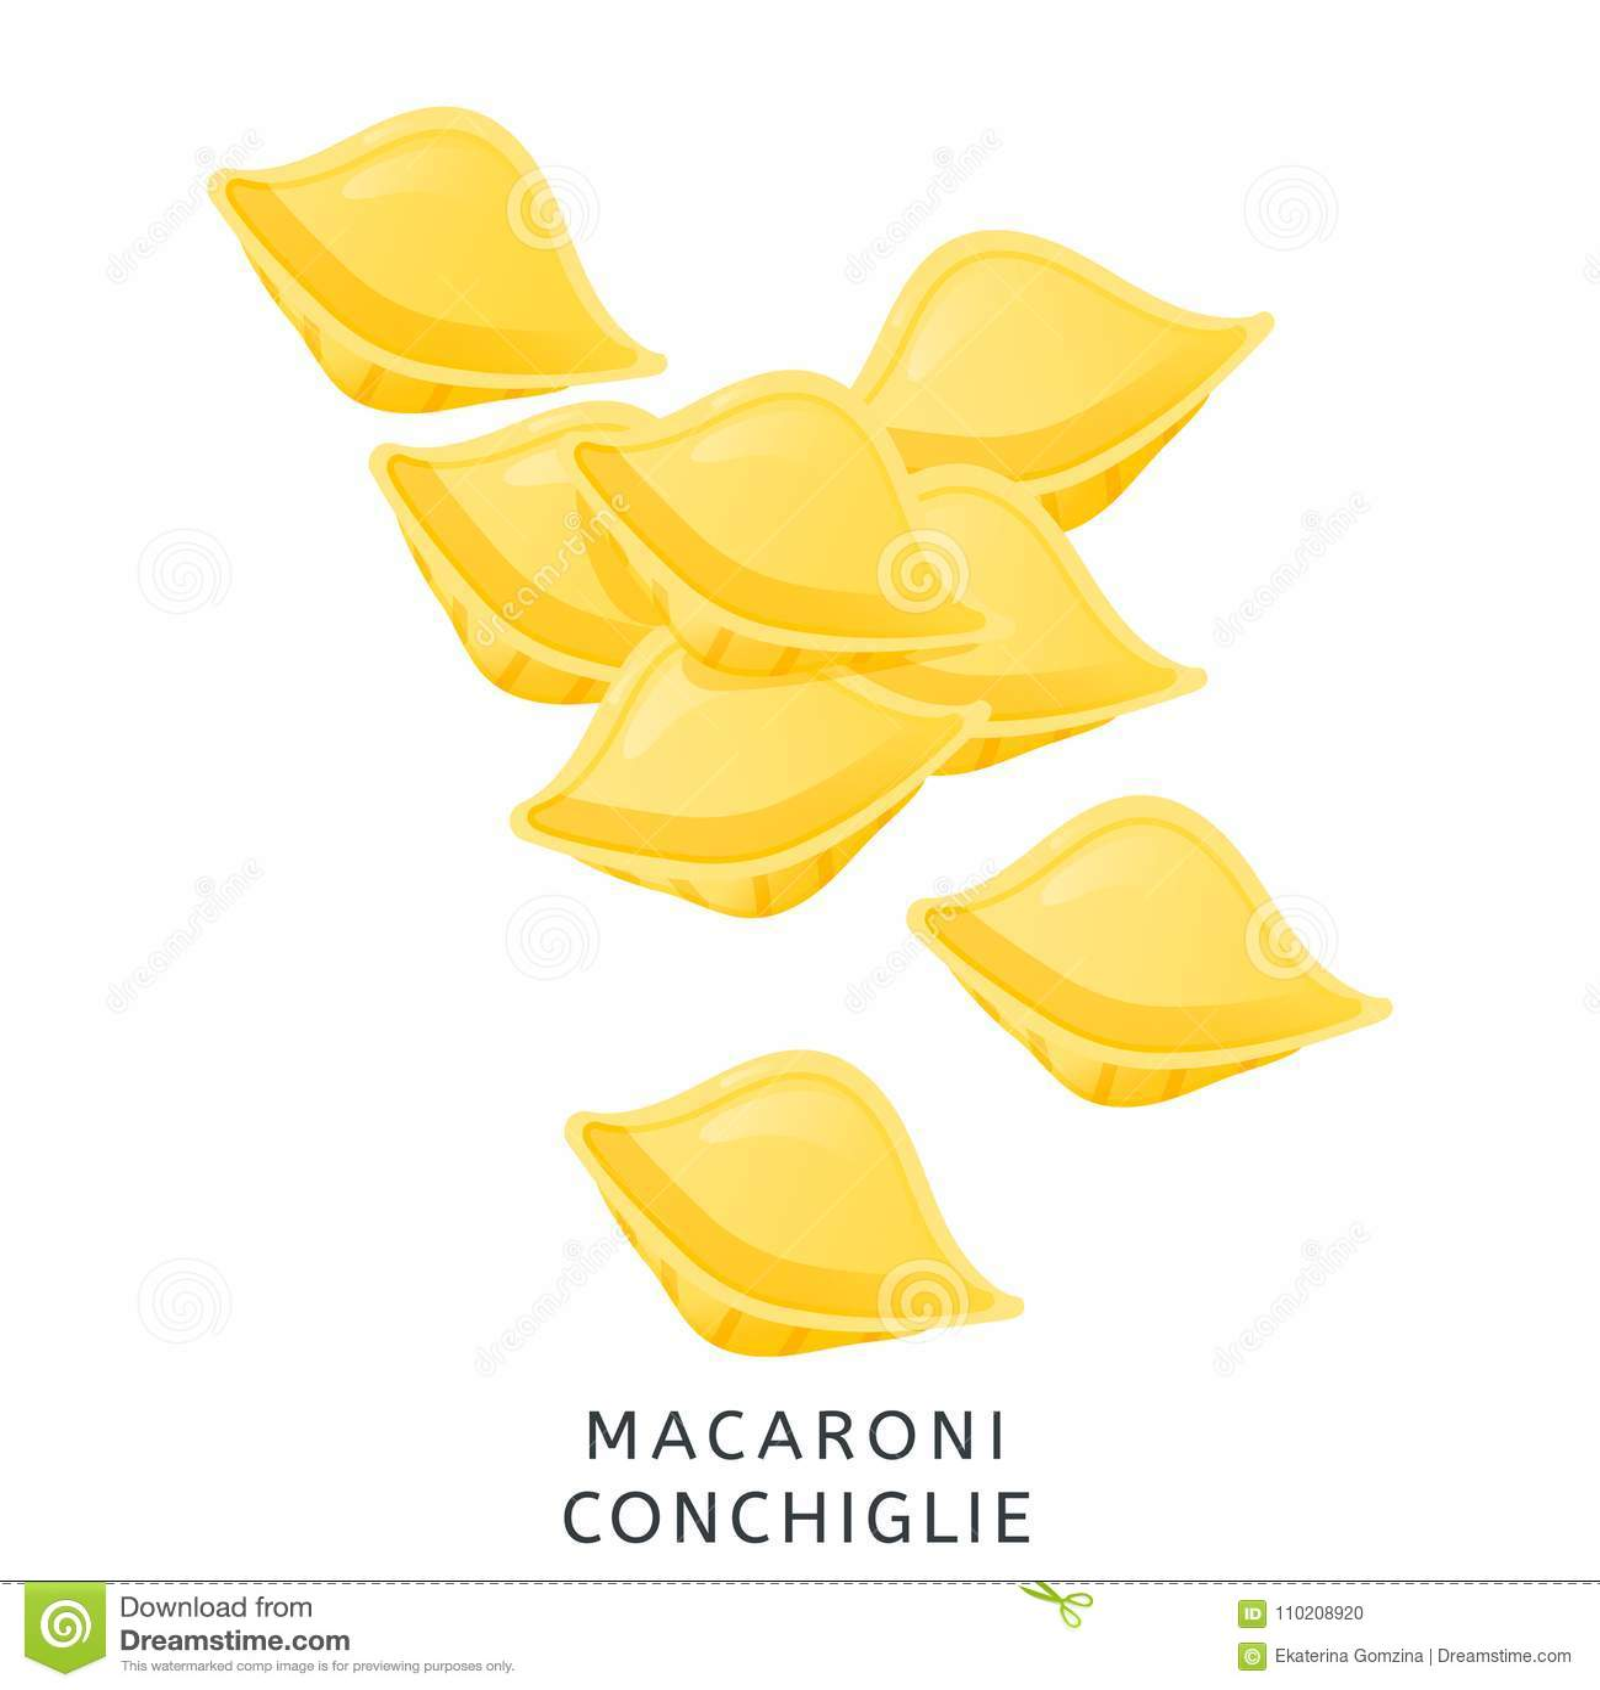 Tradycyjna Wloska Kuchnia Conchiglie Makaron Maki Banatki Produkt